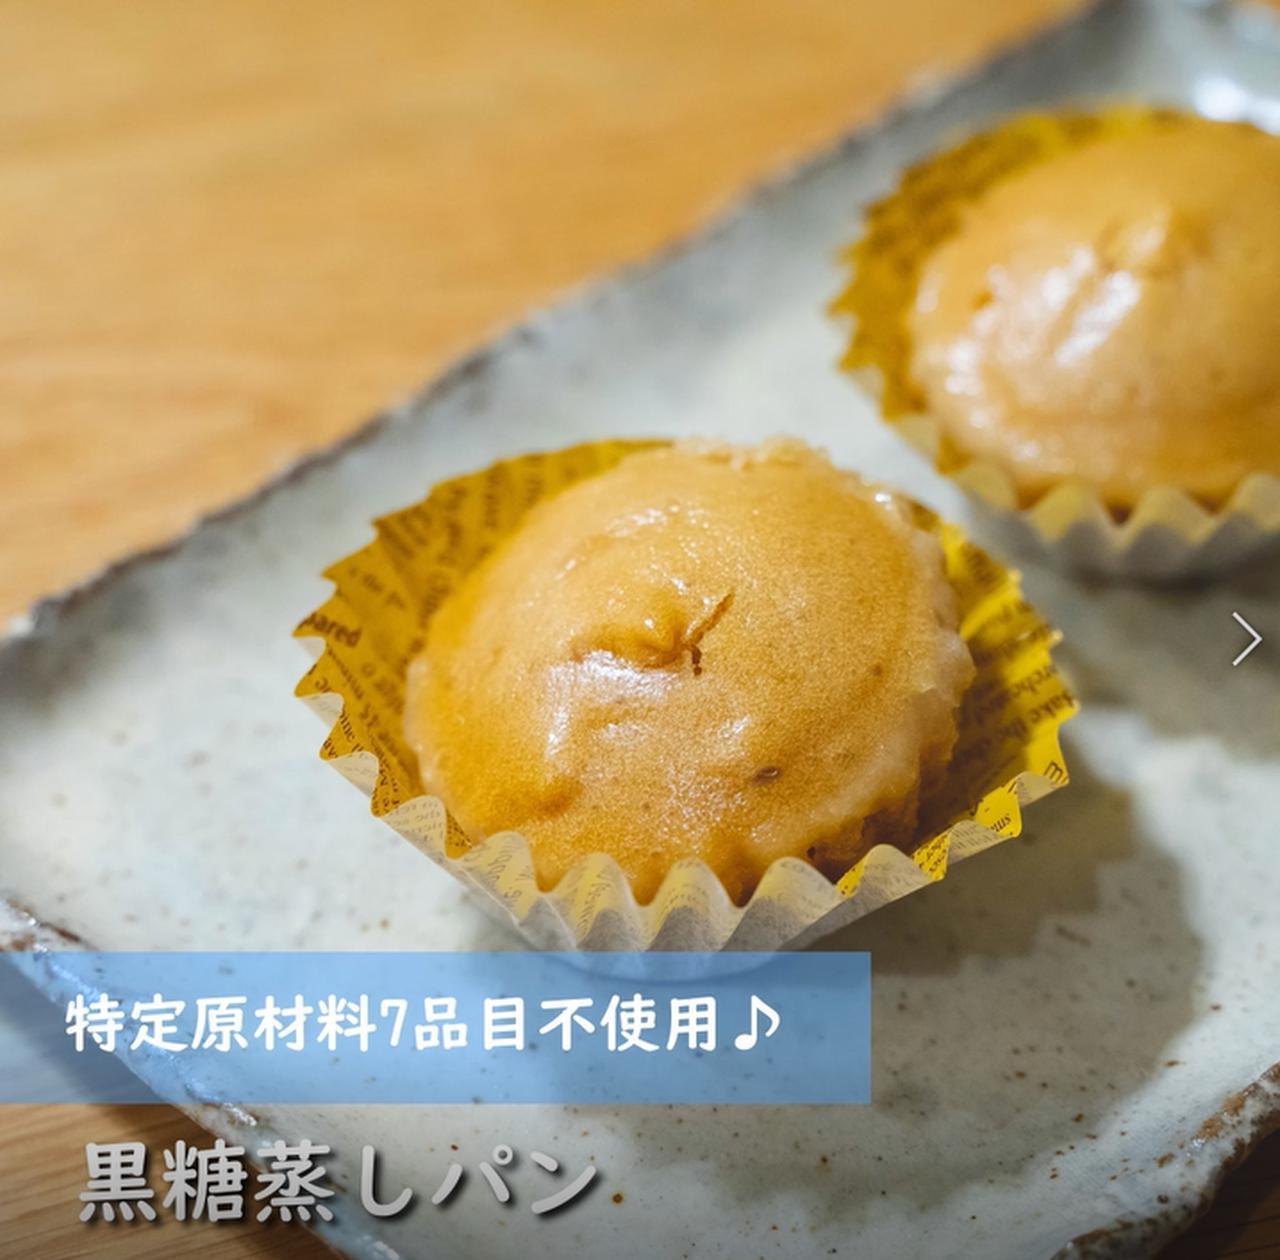 画像: 風味が効いて美味しい!黒糖蒸しパン - 君とごはん